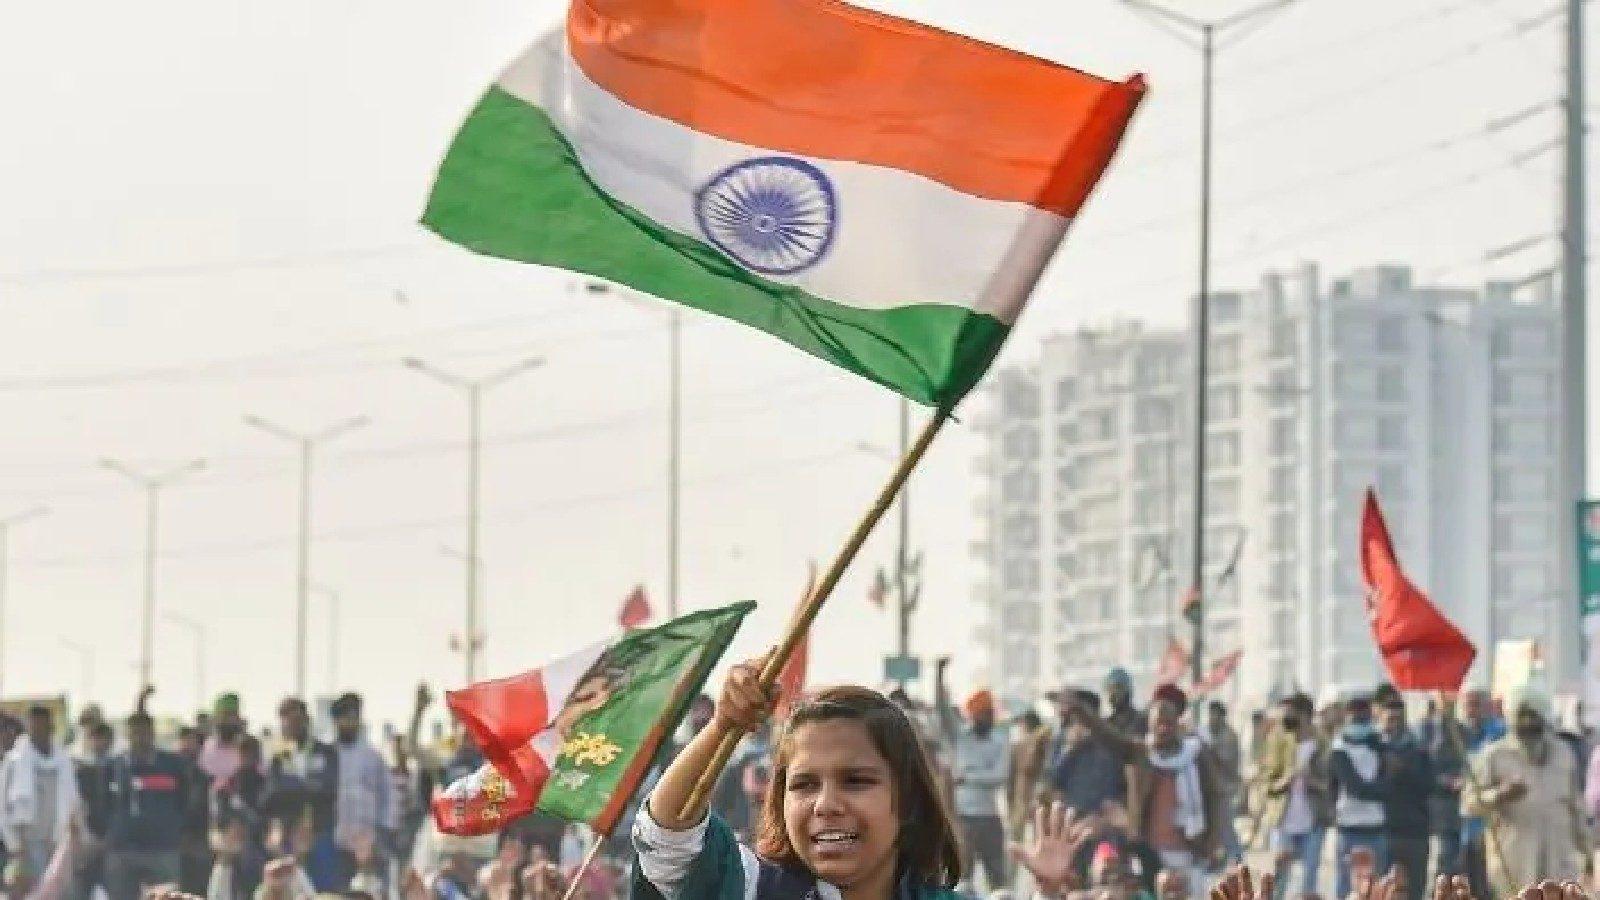 किसानों का भारत बंद आज, पढ़ें देश-दुनिया की 10 बड़ी खबरें